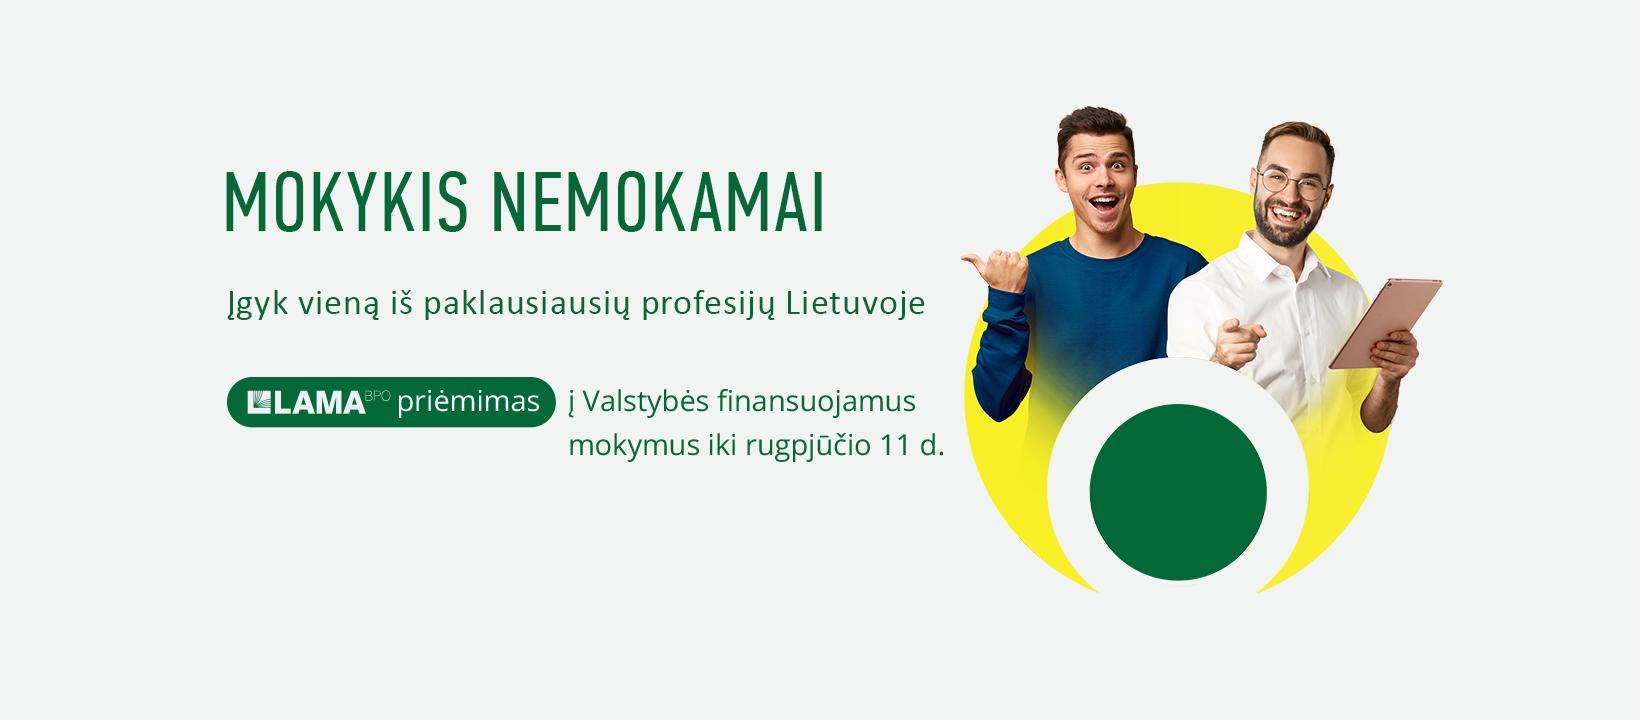 Valstybės finansuojami mokymai Vilniaus Jeruzalės darbo rinkos mokymo centre